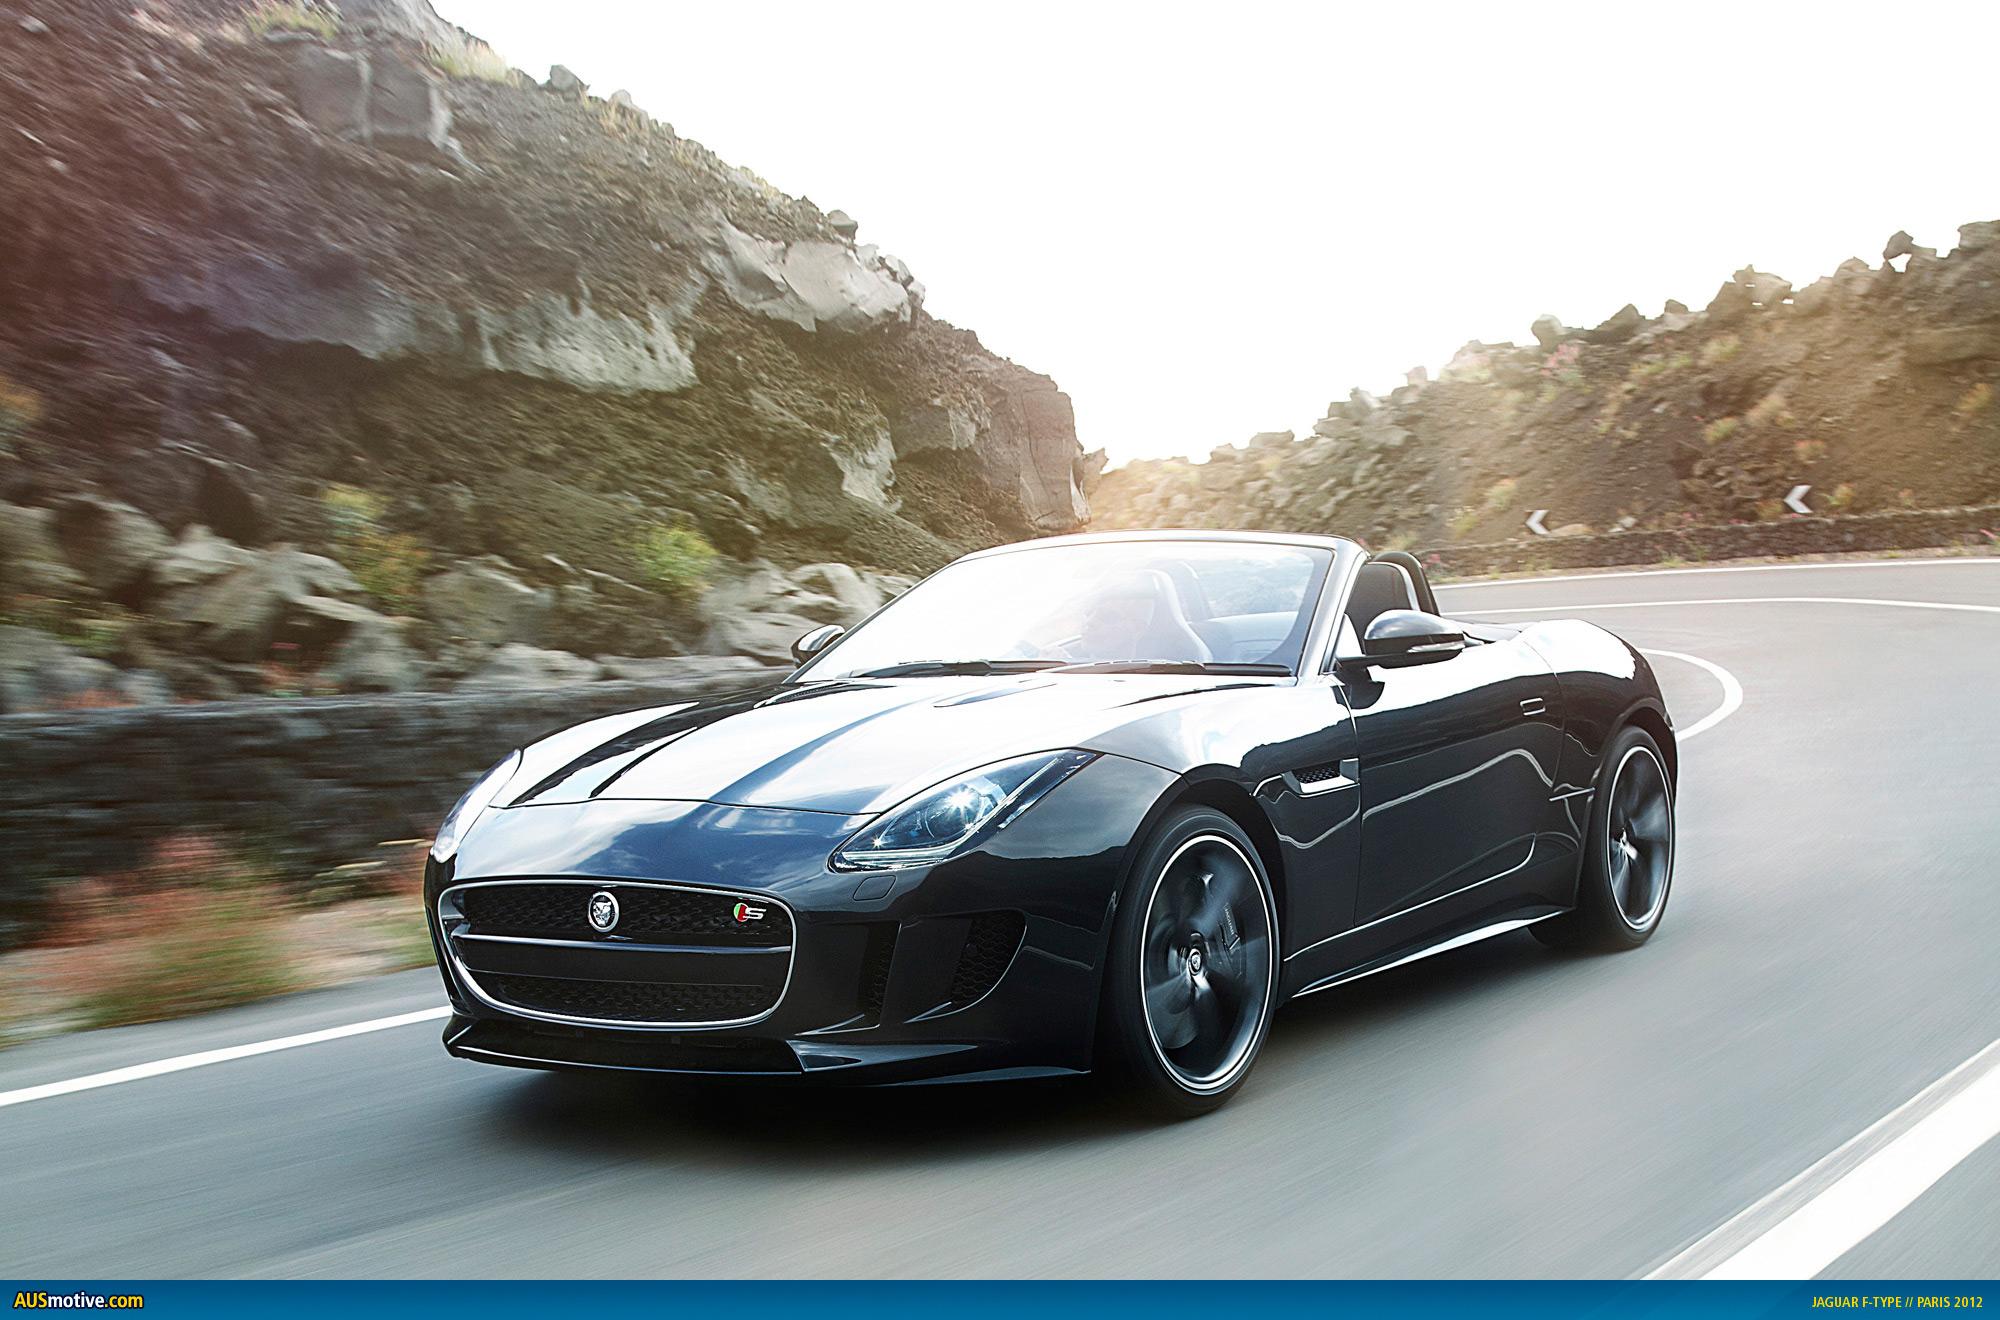 AUSmotive.com » Paris 2012: Jaguar F-Type